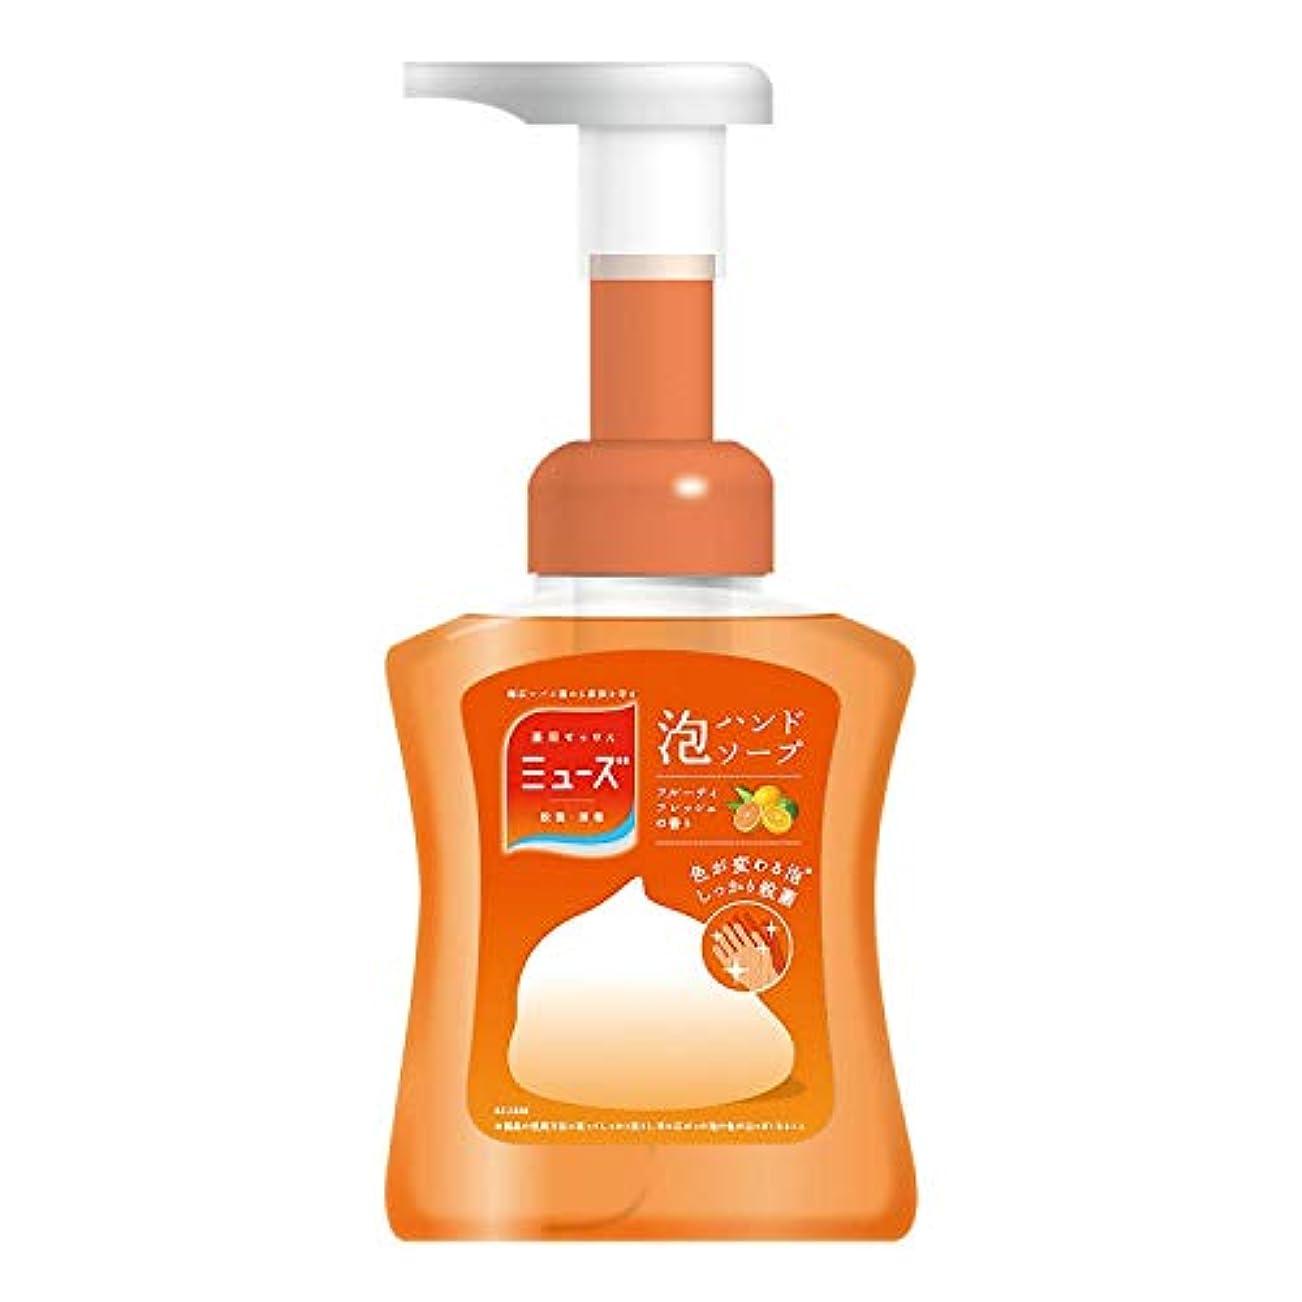 夜レディ熱帯の【医薬部外品】ミューズ 泡 ハンドソープ フルーティフレッシュの香り 色が変わる泡 本体ボトル 250ml 殺菌 消毒 手洗い 保湿成分配合